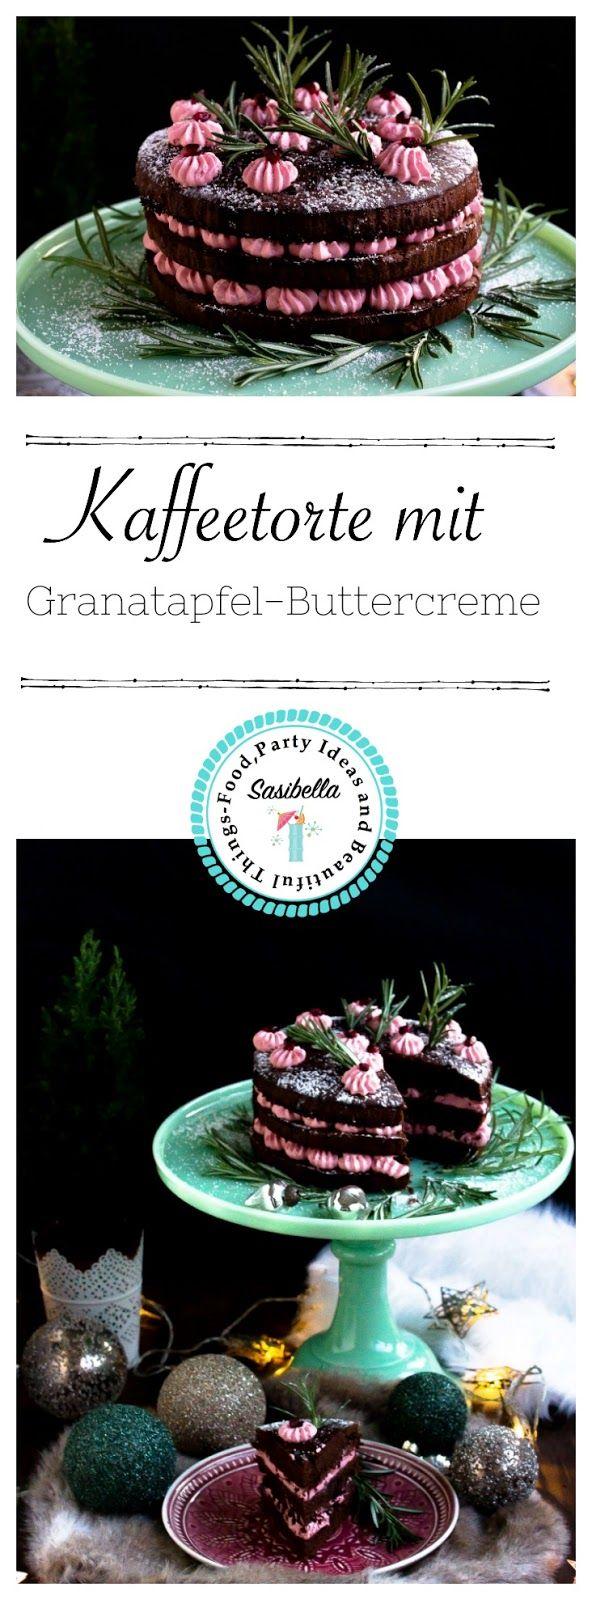 Kaffeetorte mit Granatapfel Buttercreme + Verlosung Tchibo Caffissimo mini (Werbung)- Adventskalendertürchen 1